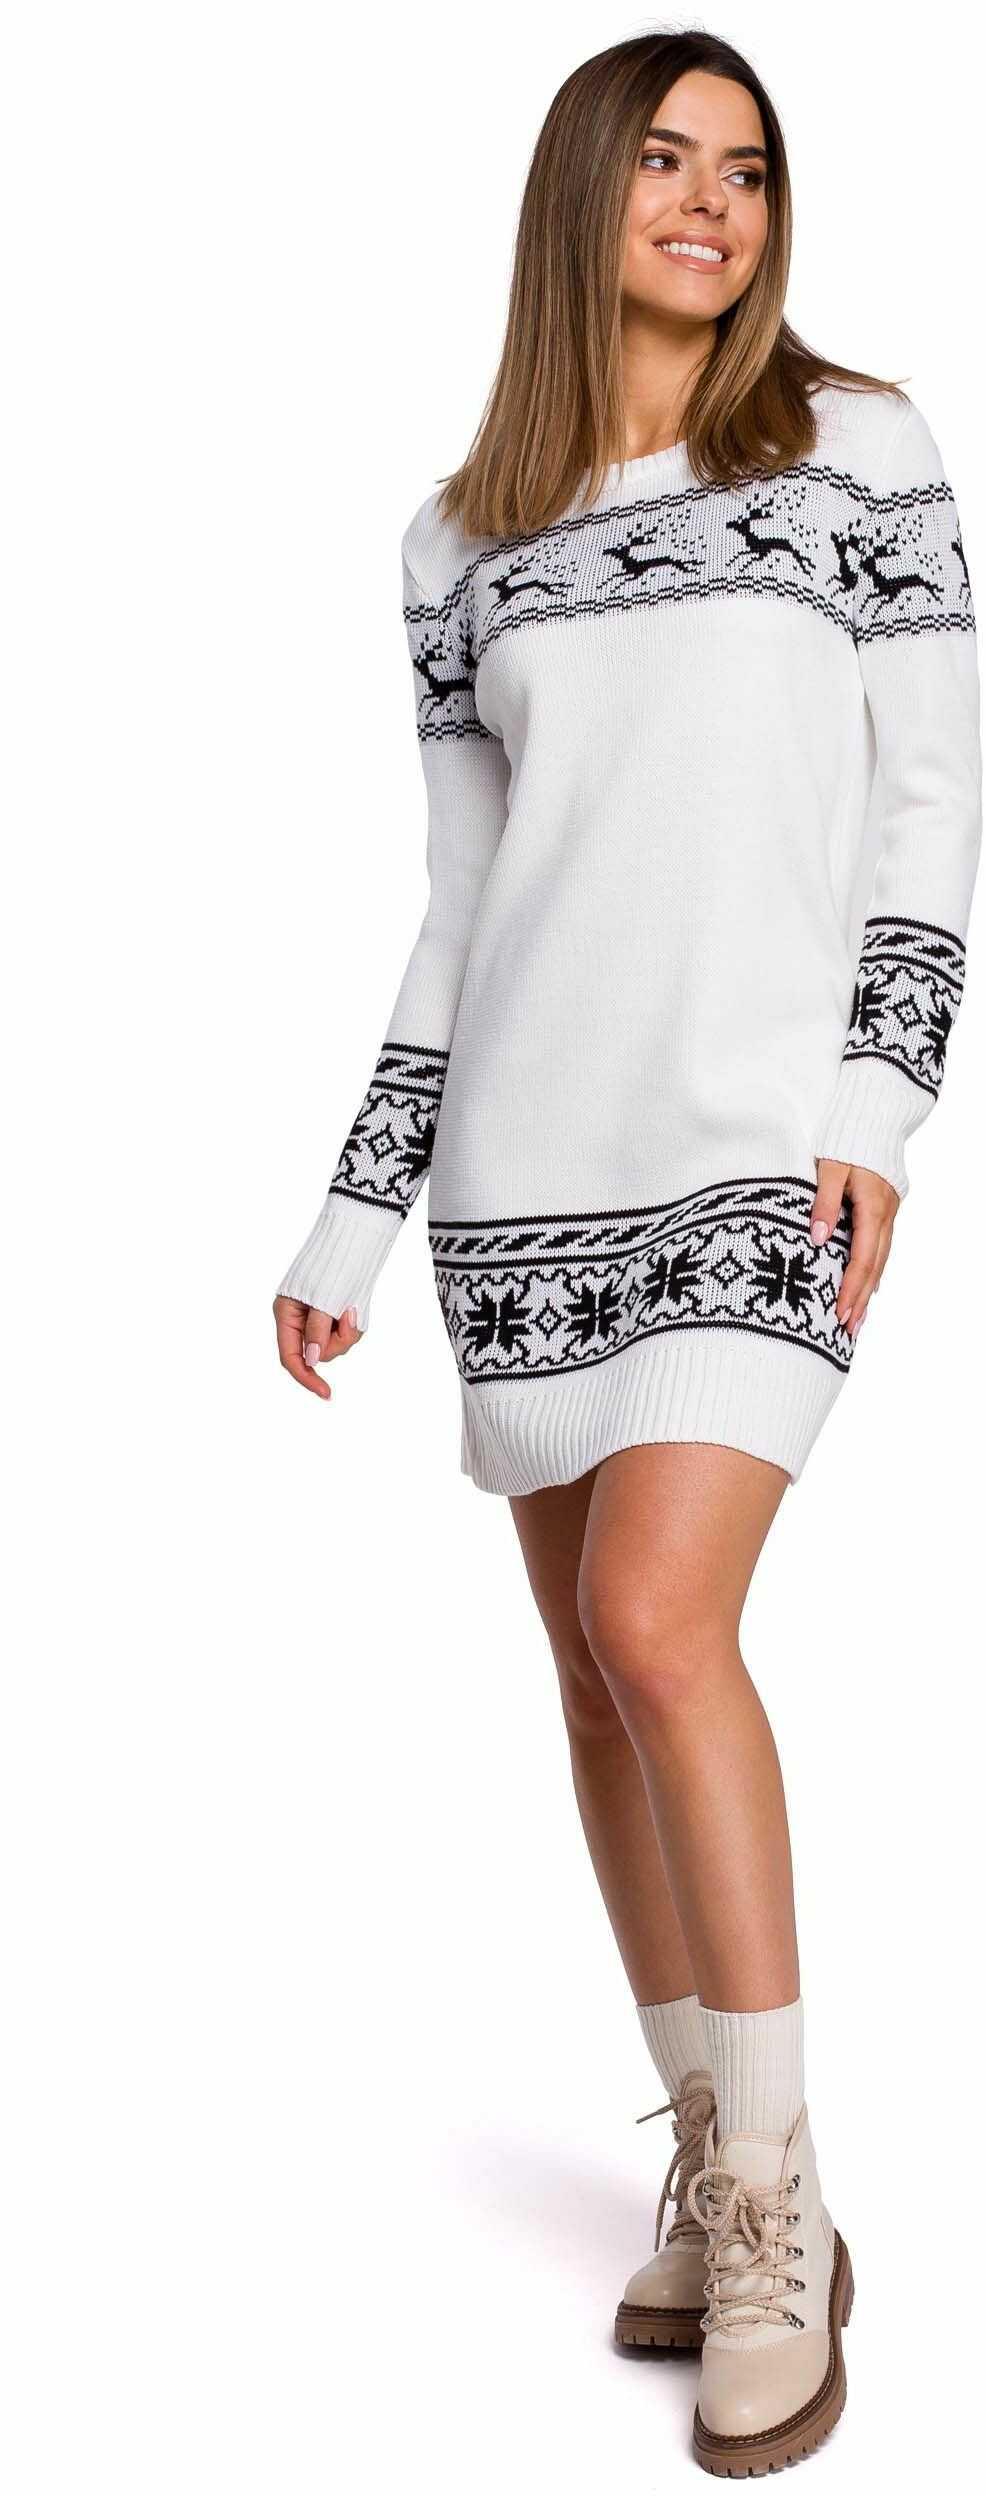 Biała prosta swetrowa sukienka ze świątecznym motywem